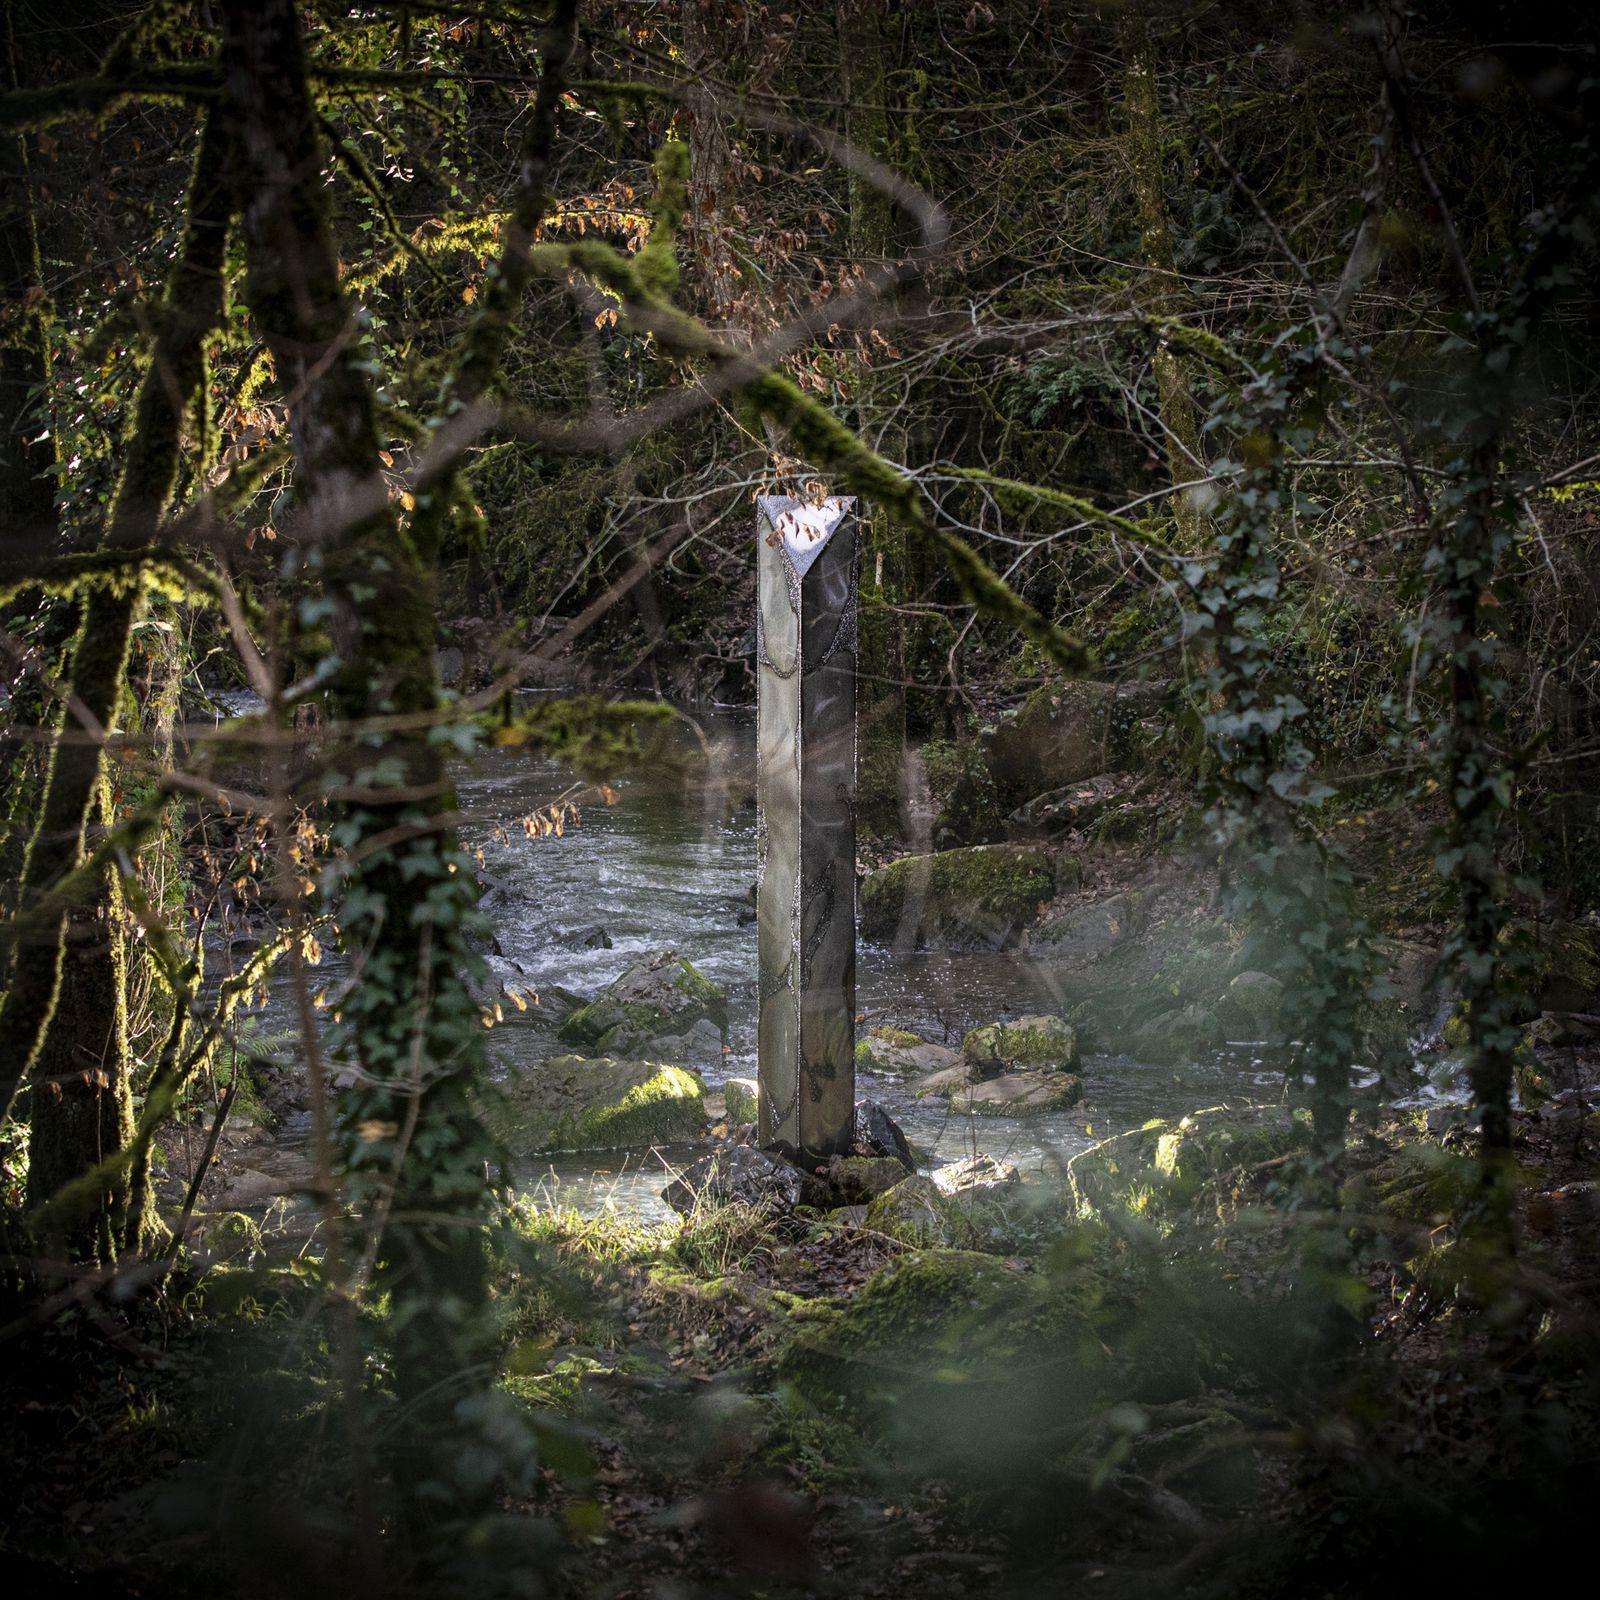 Un monolithe a été trouvé sur la commune d'Exireuil, dans les Deux-Sèvres